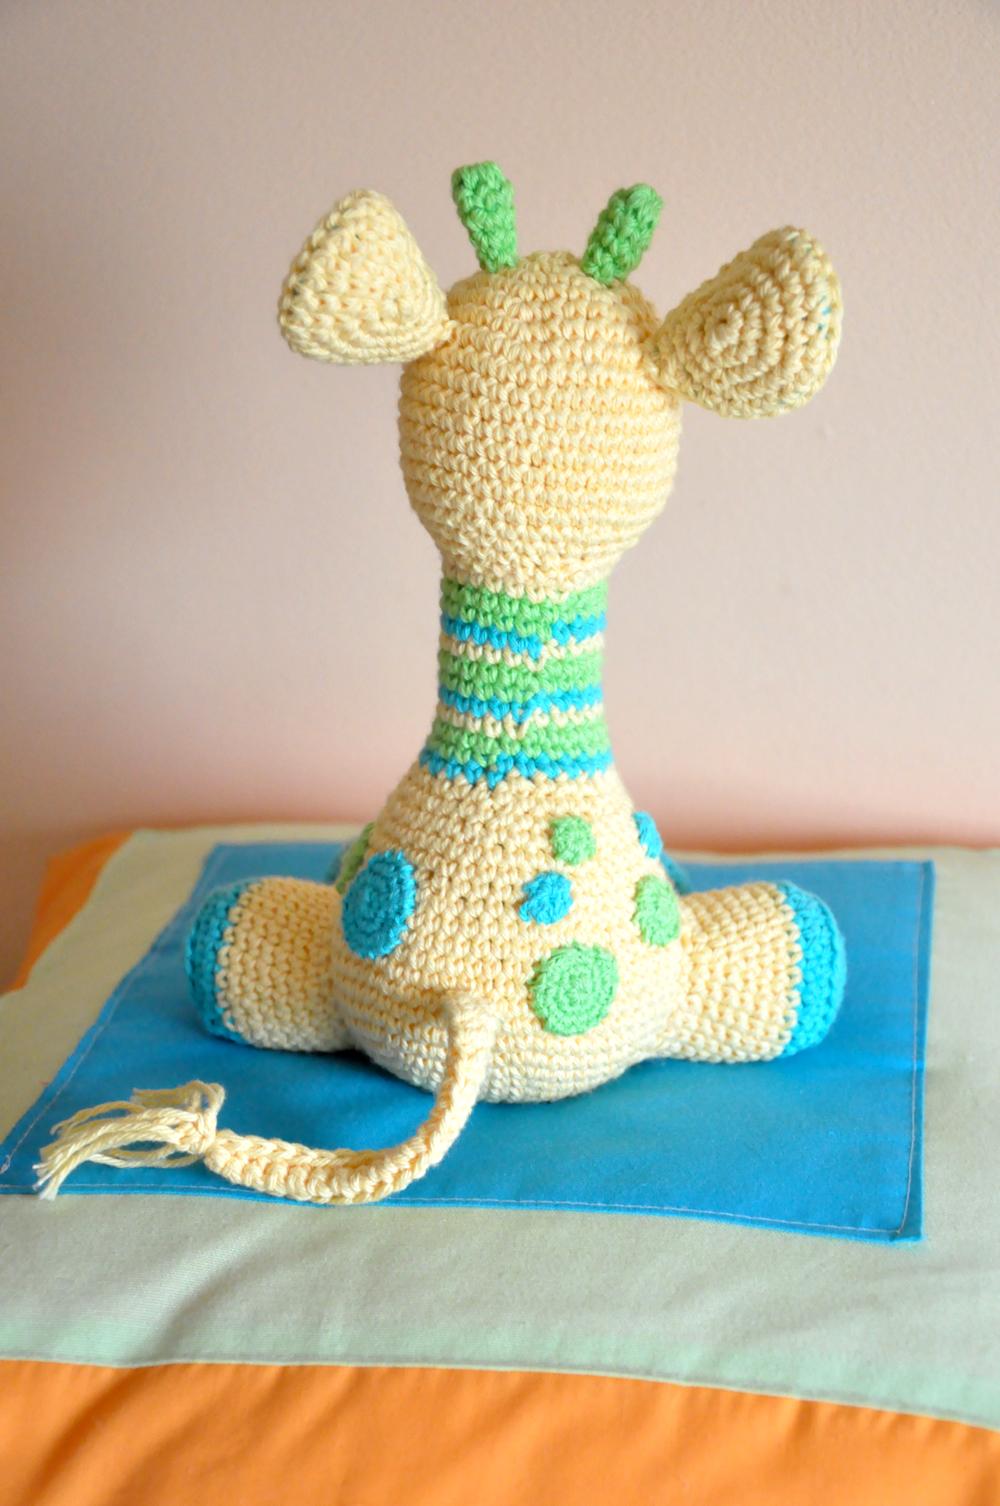 Pin de Clara Groetaers en Animalitos chicos a crochet en 2020 (con ... | 1506x1000